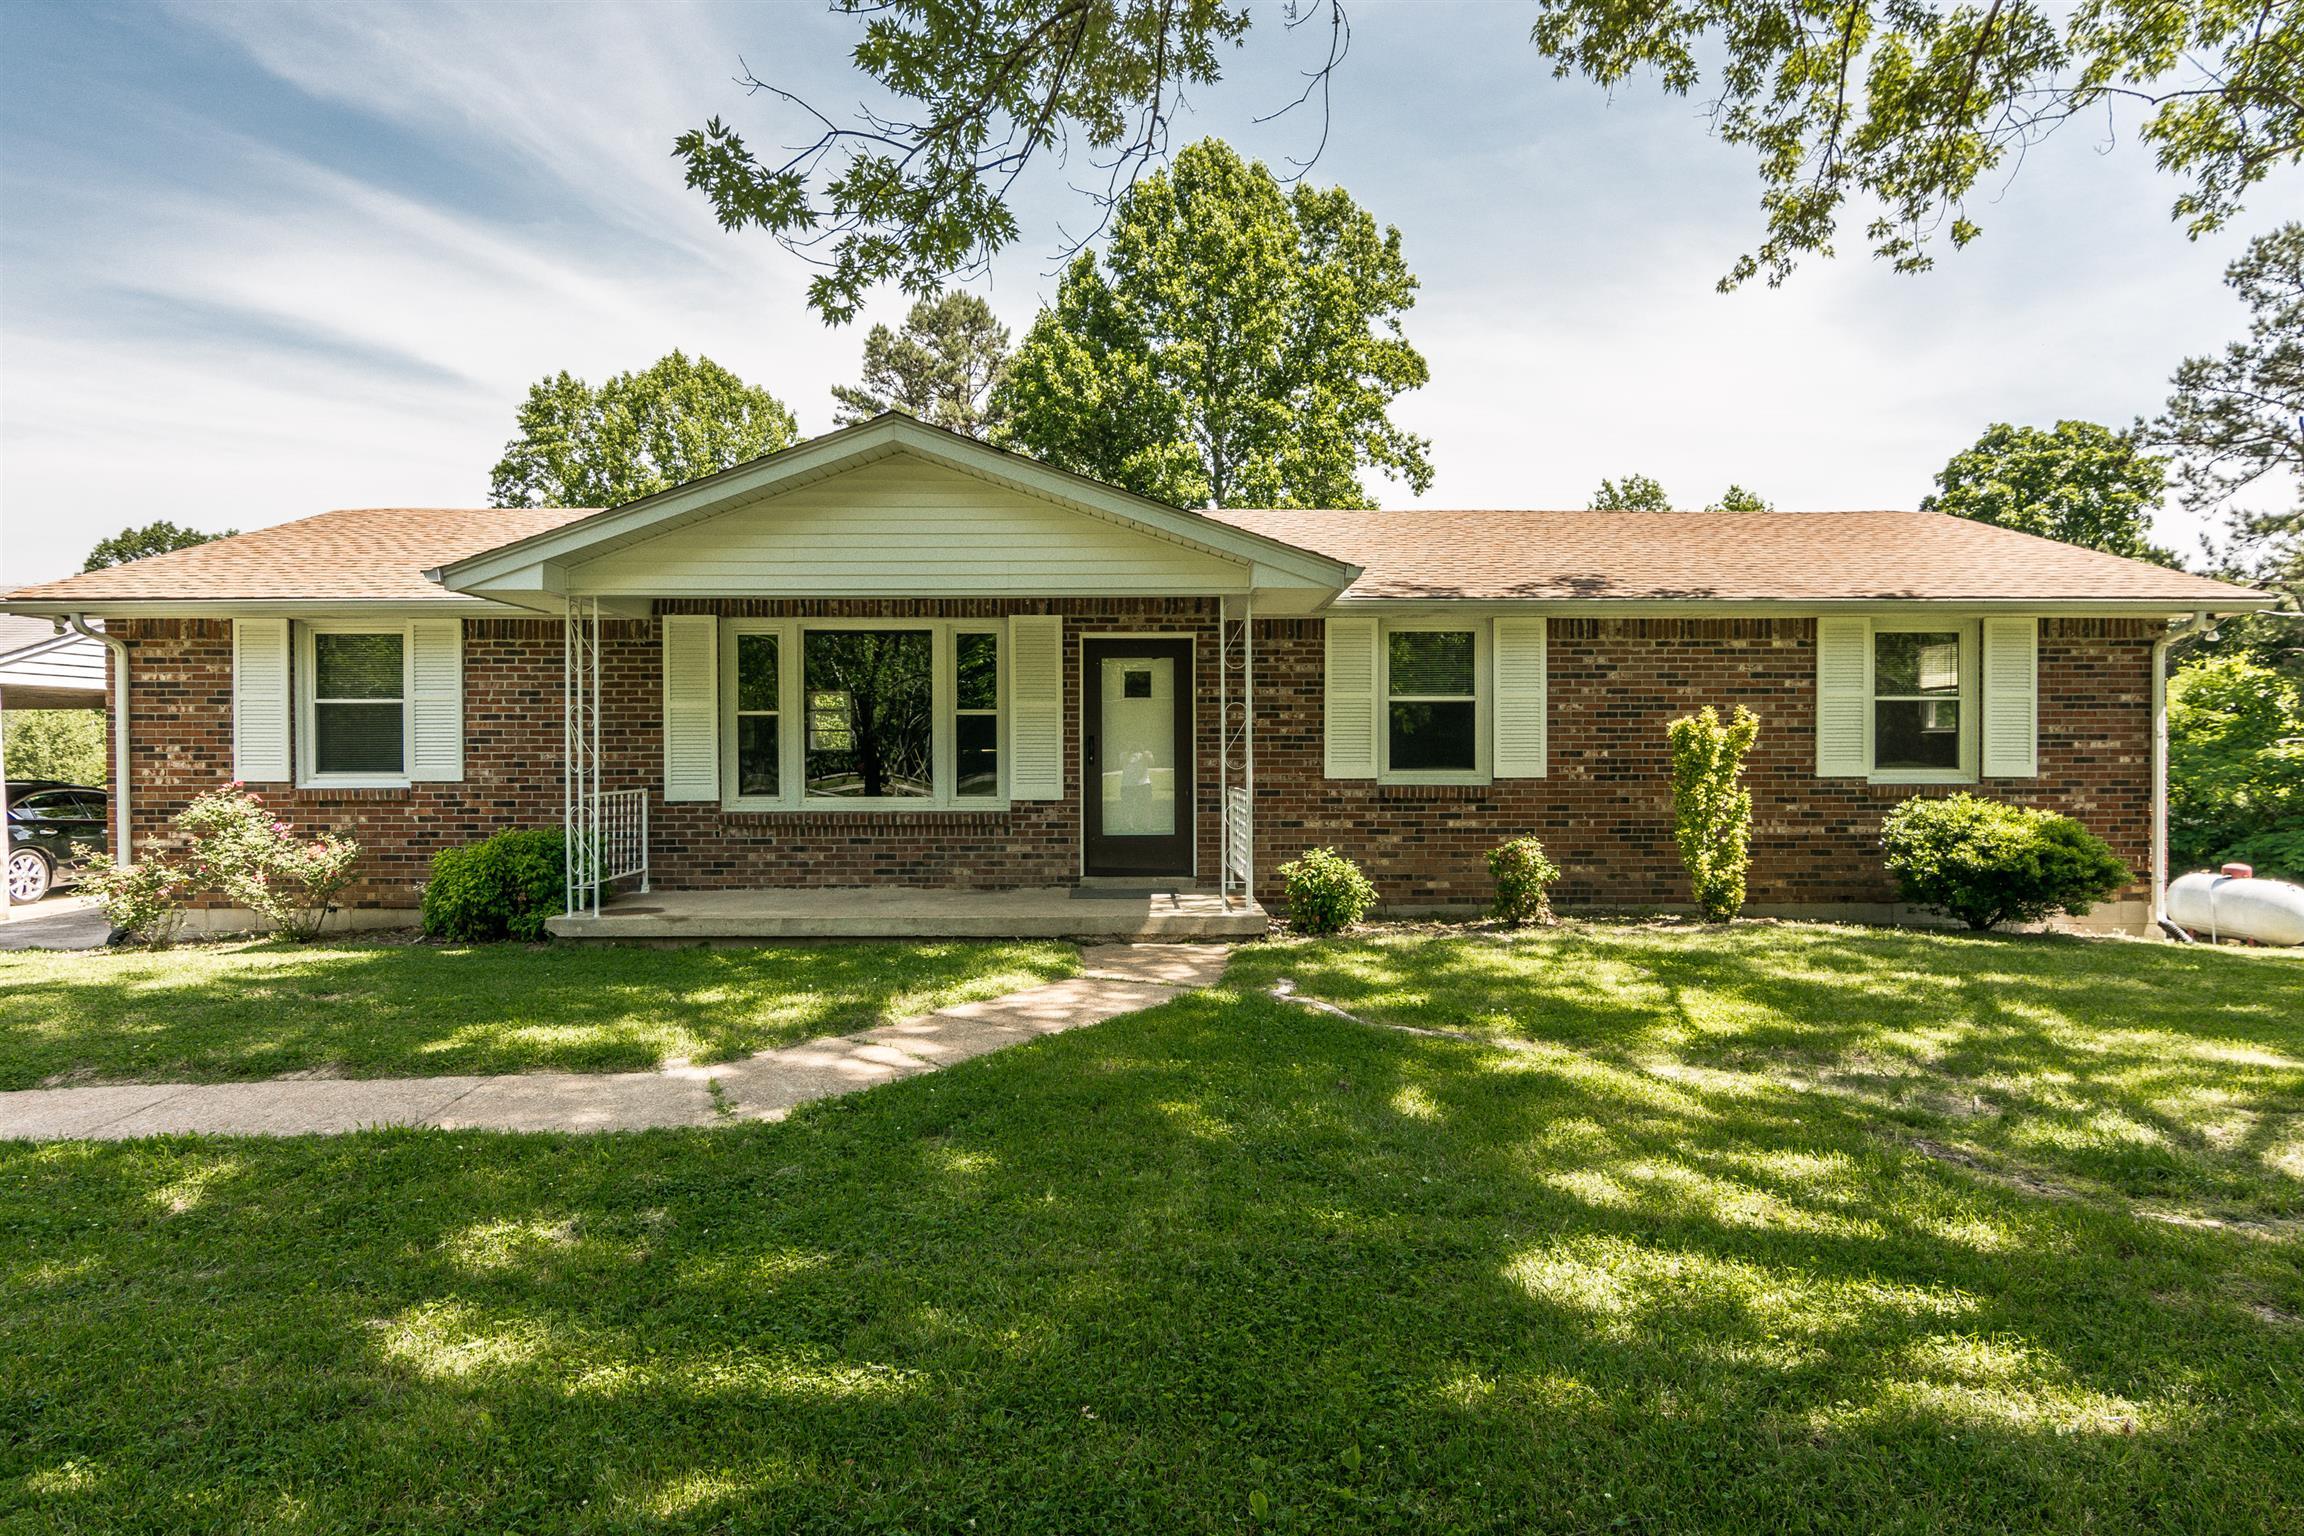 5124 Ridge Hill Dr, Joelton, TN 37080 - Joelton, TN real estate listing